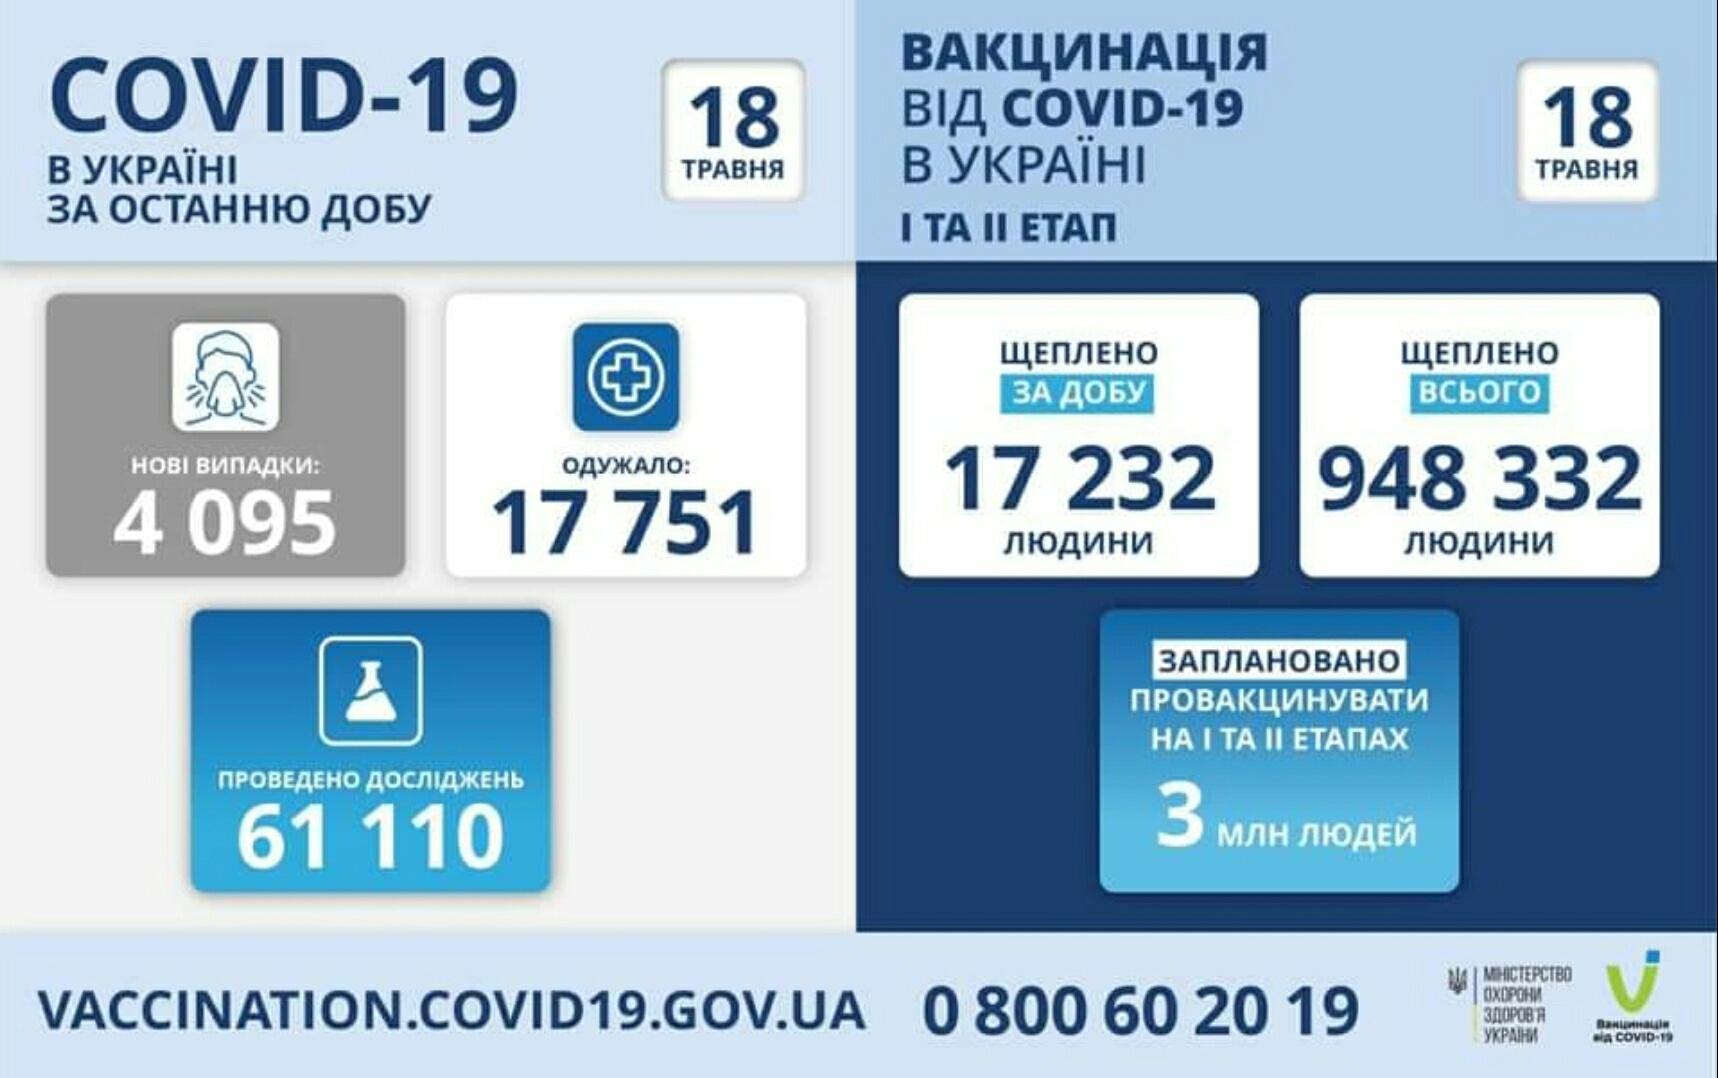 Коронавирус в Украине: 285 смертей за сутки и 4095 новых случаев